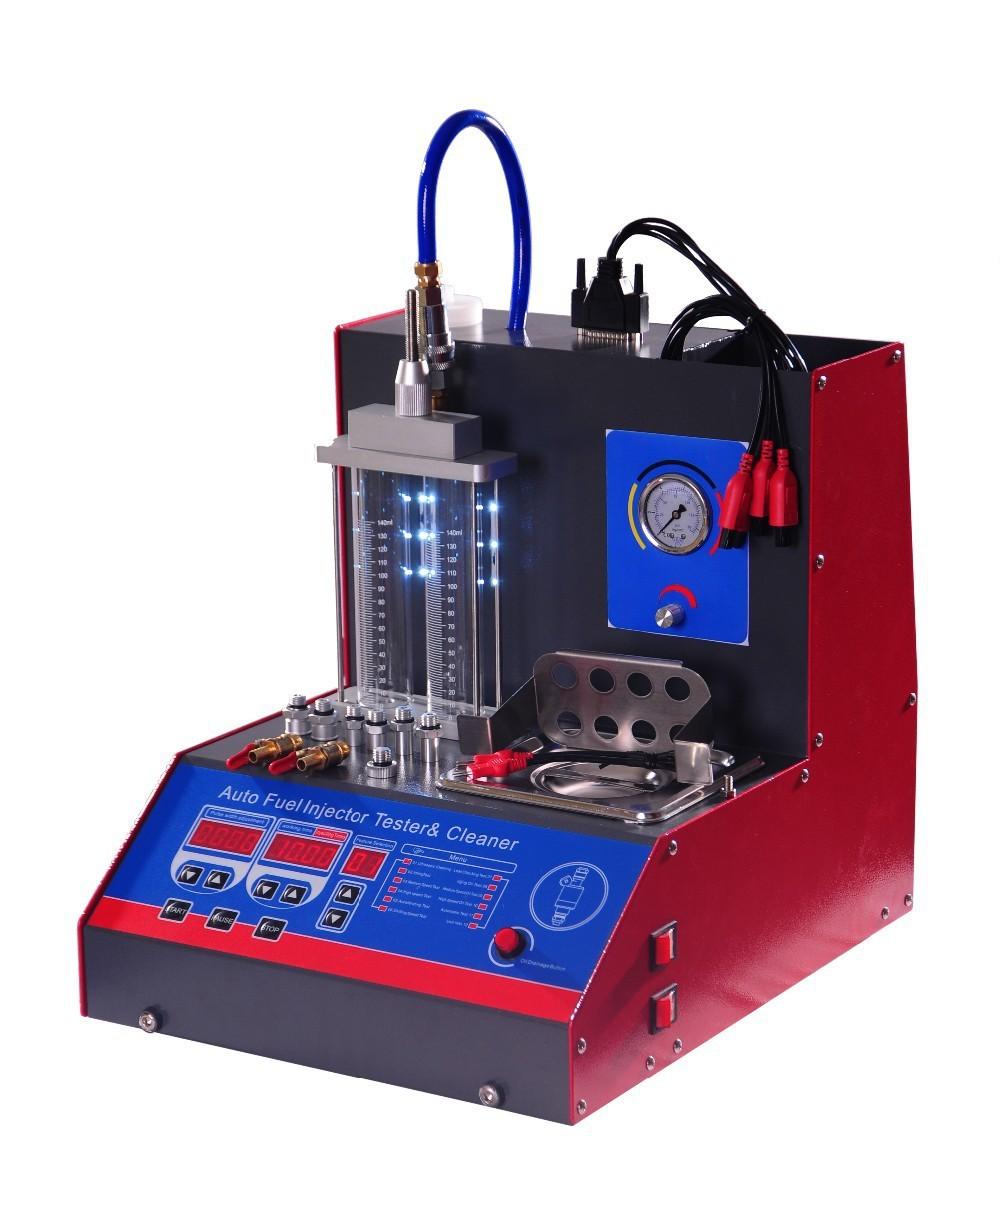 новый 2 банки топлива injector tester Oil MT-20 - бесплатная доставка